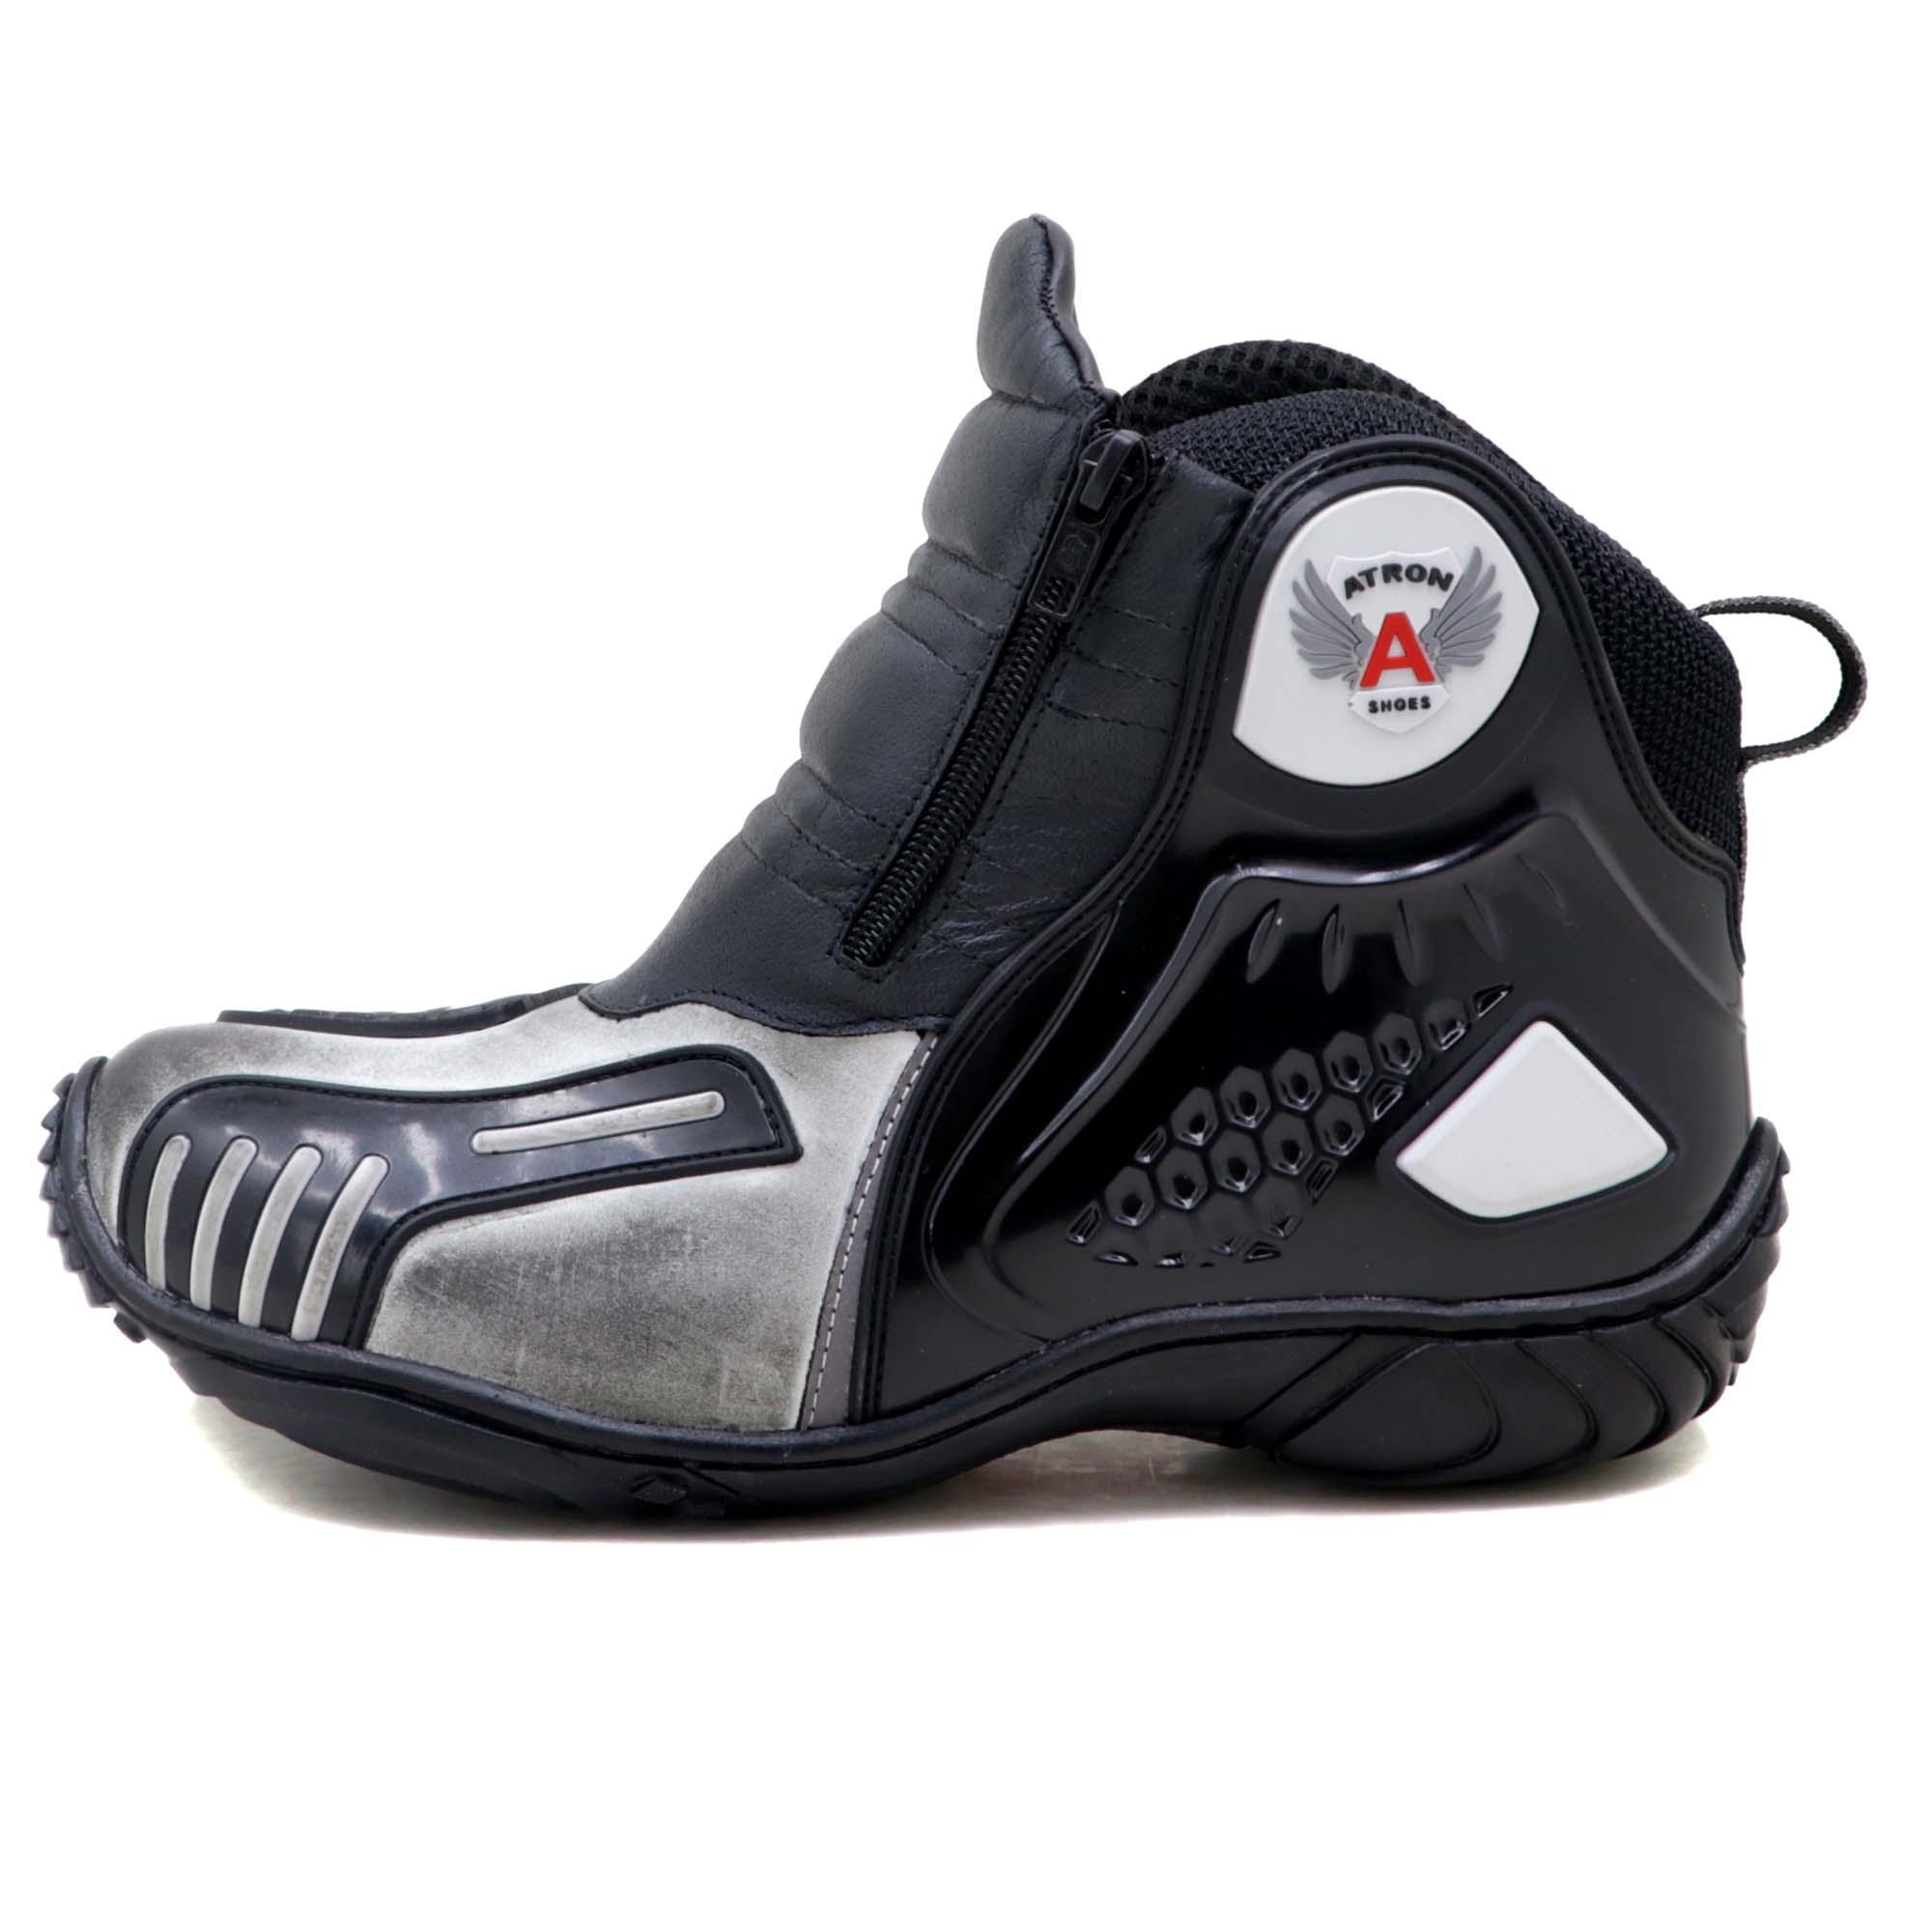 Bota motociclista Atron Shoes AS-HIGHWAY em couro legítimo semi-impermeável emborrachada na cor ASfalto 407